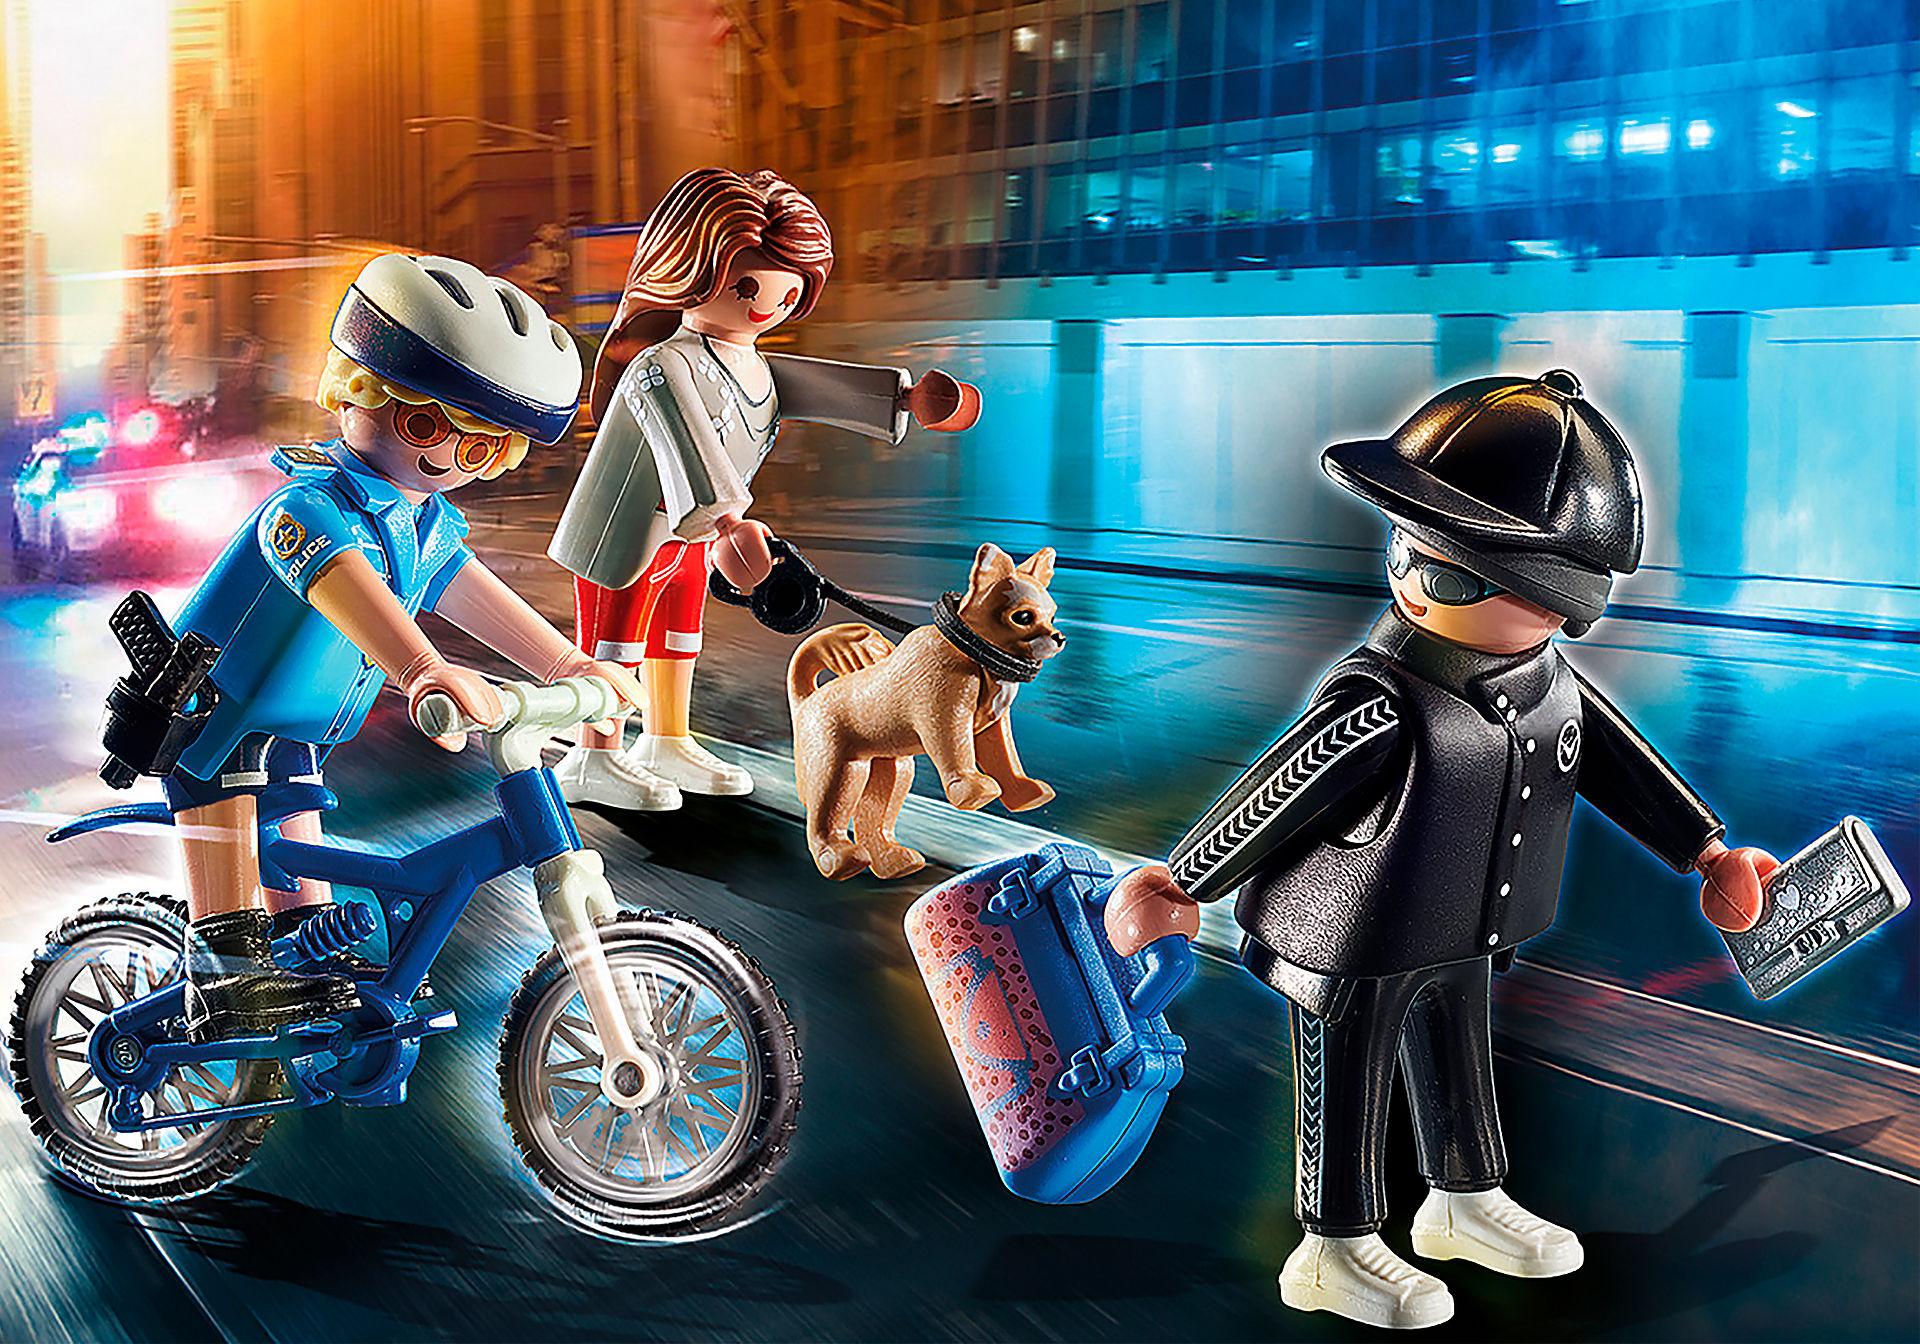 70573 Policyjny rower: Pościg za kieszonkowcem  zoom image1